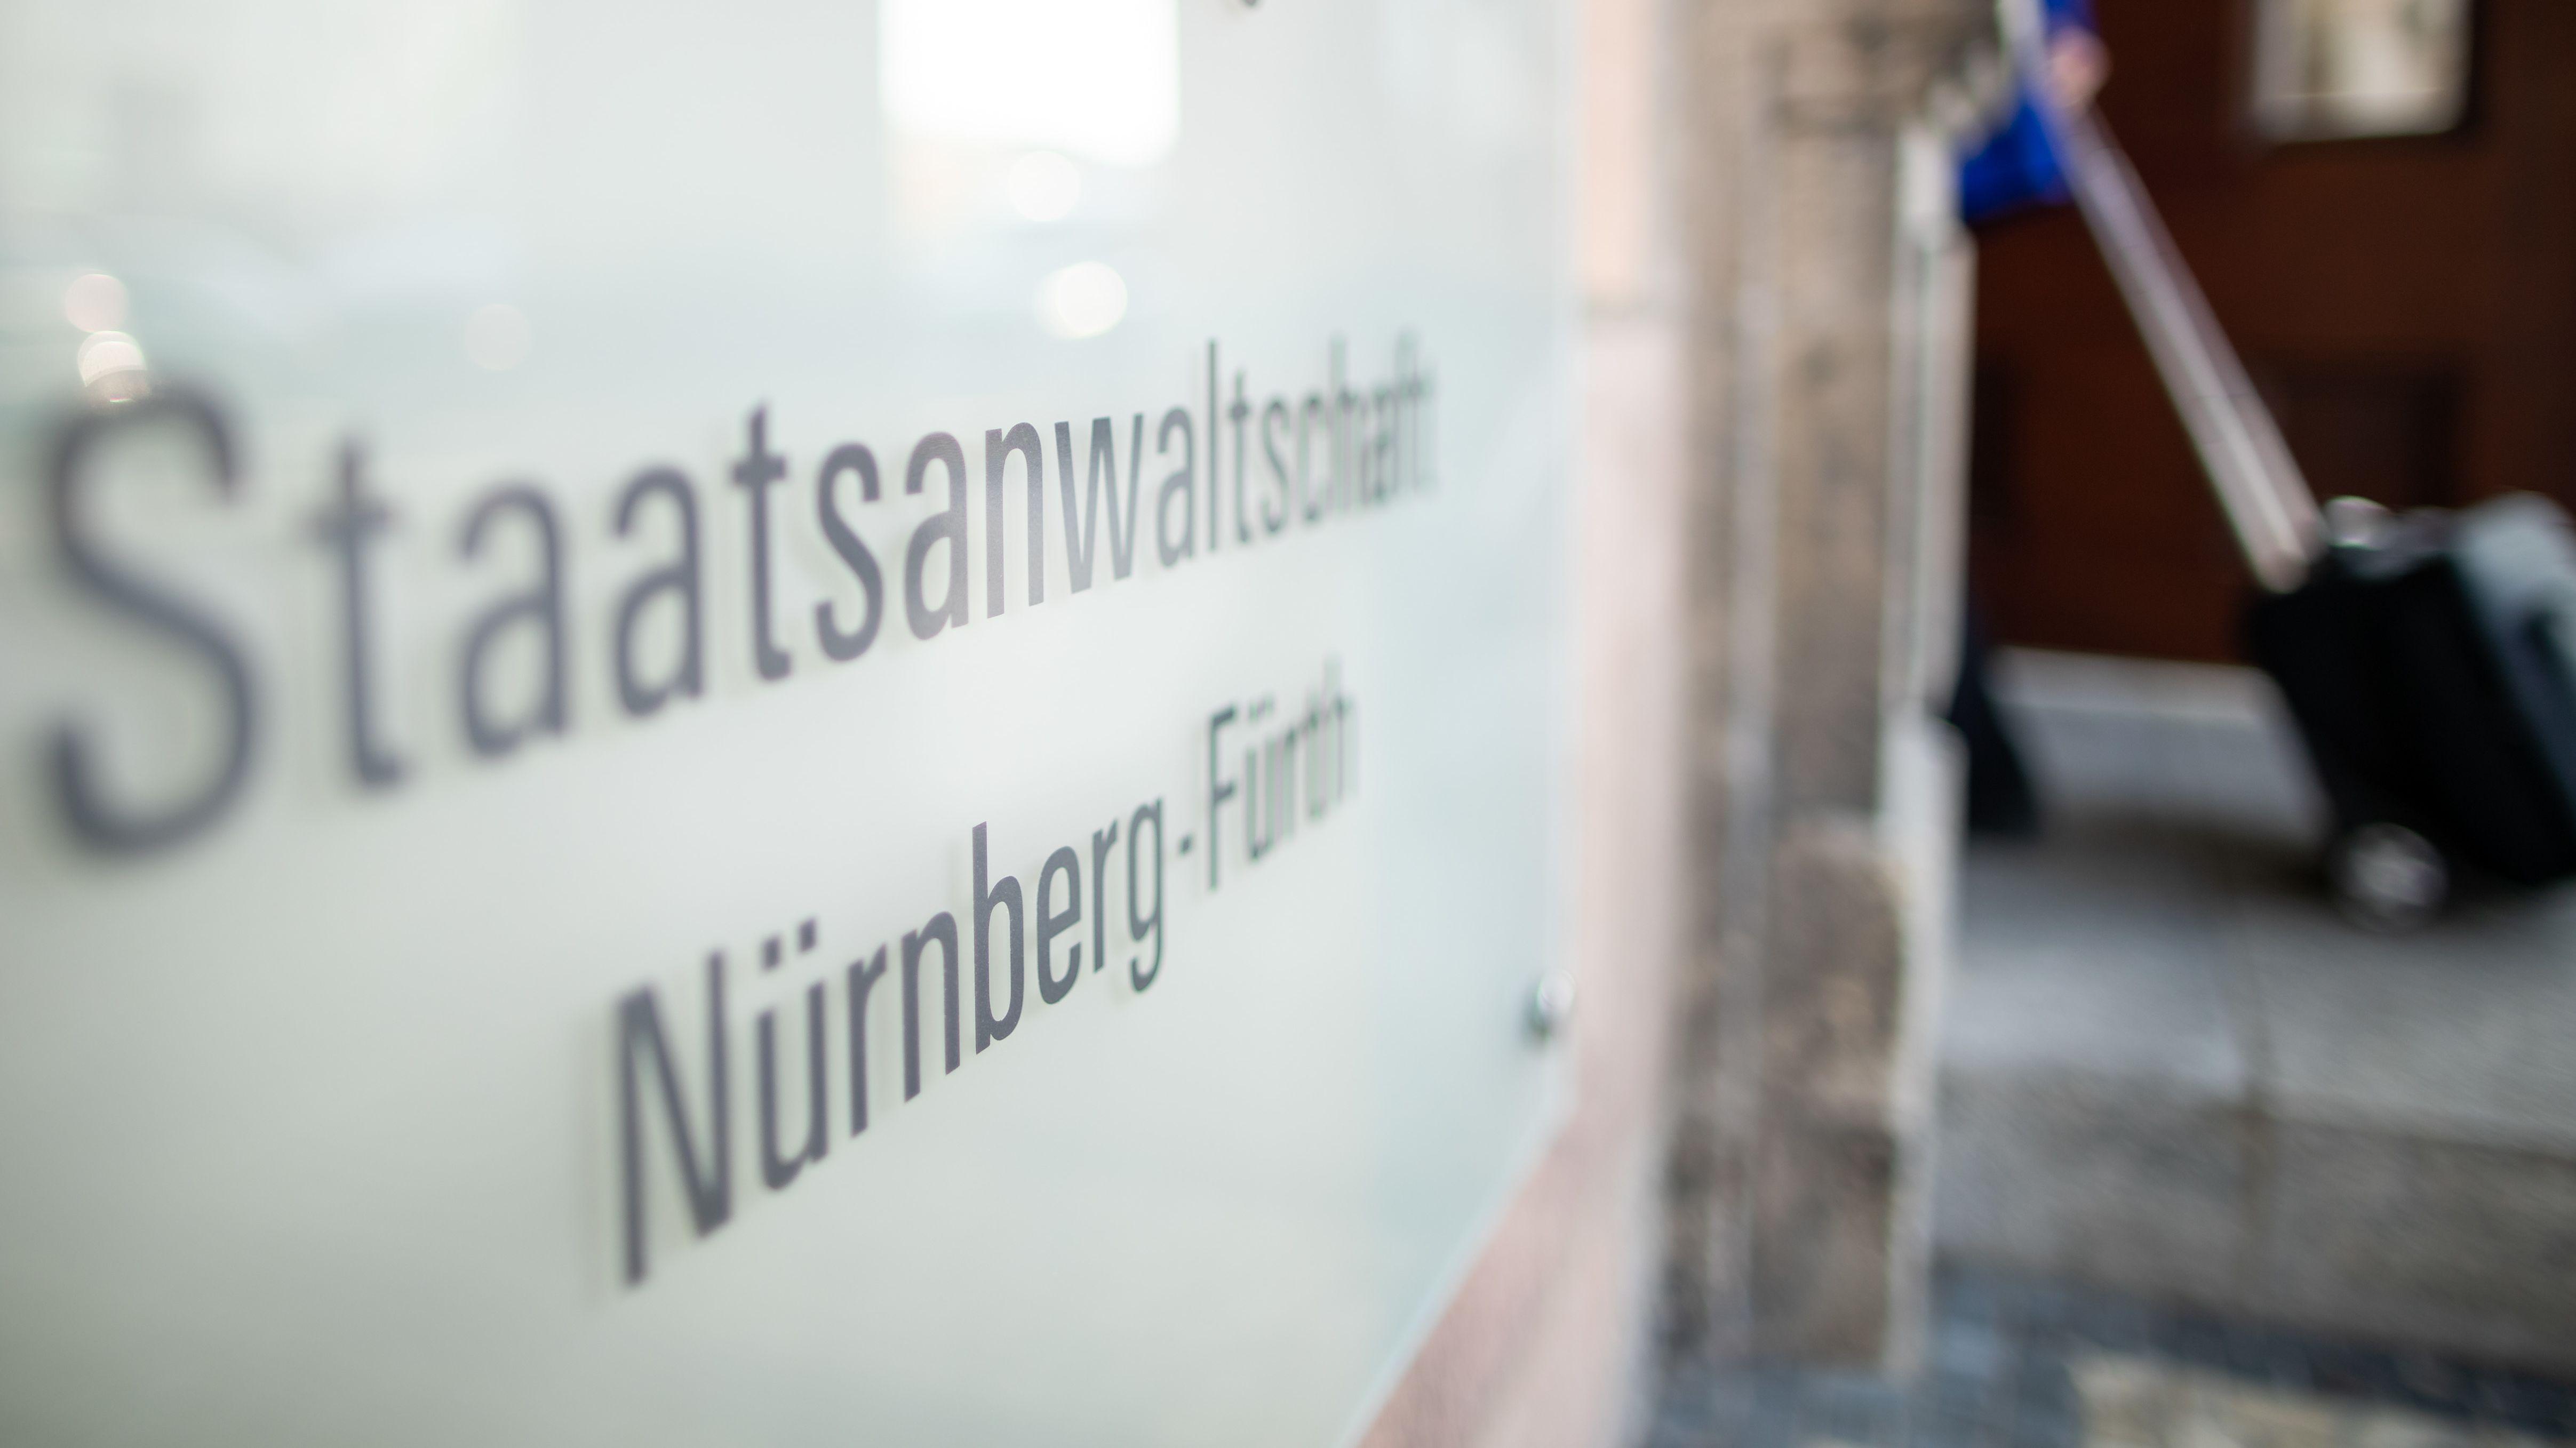 """Nürnberg: """"Staatsanwaltschaft Nürnberg-Fürth"""" steht auf einem Schild am Eingang des Gerichts-Gebäudes"""